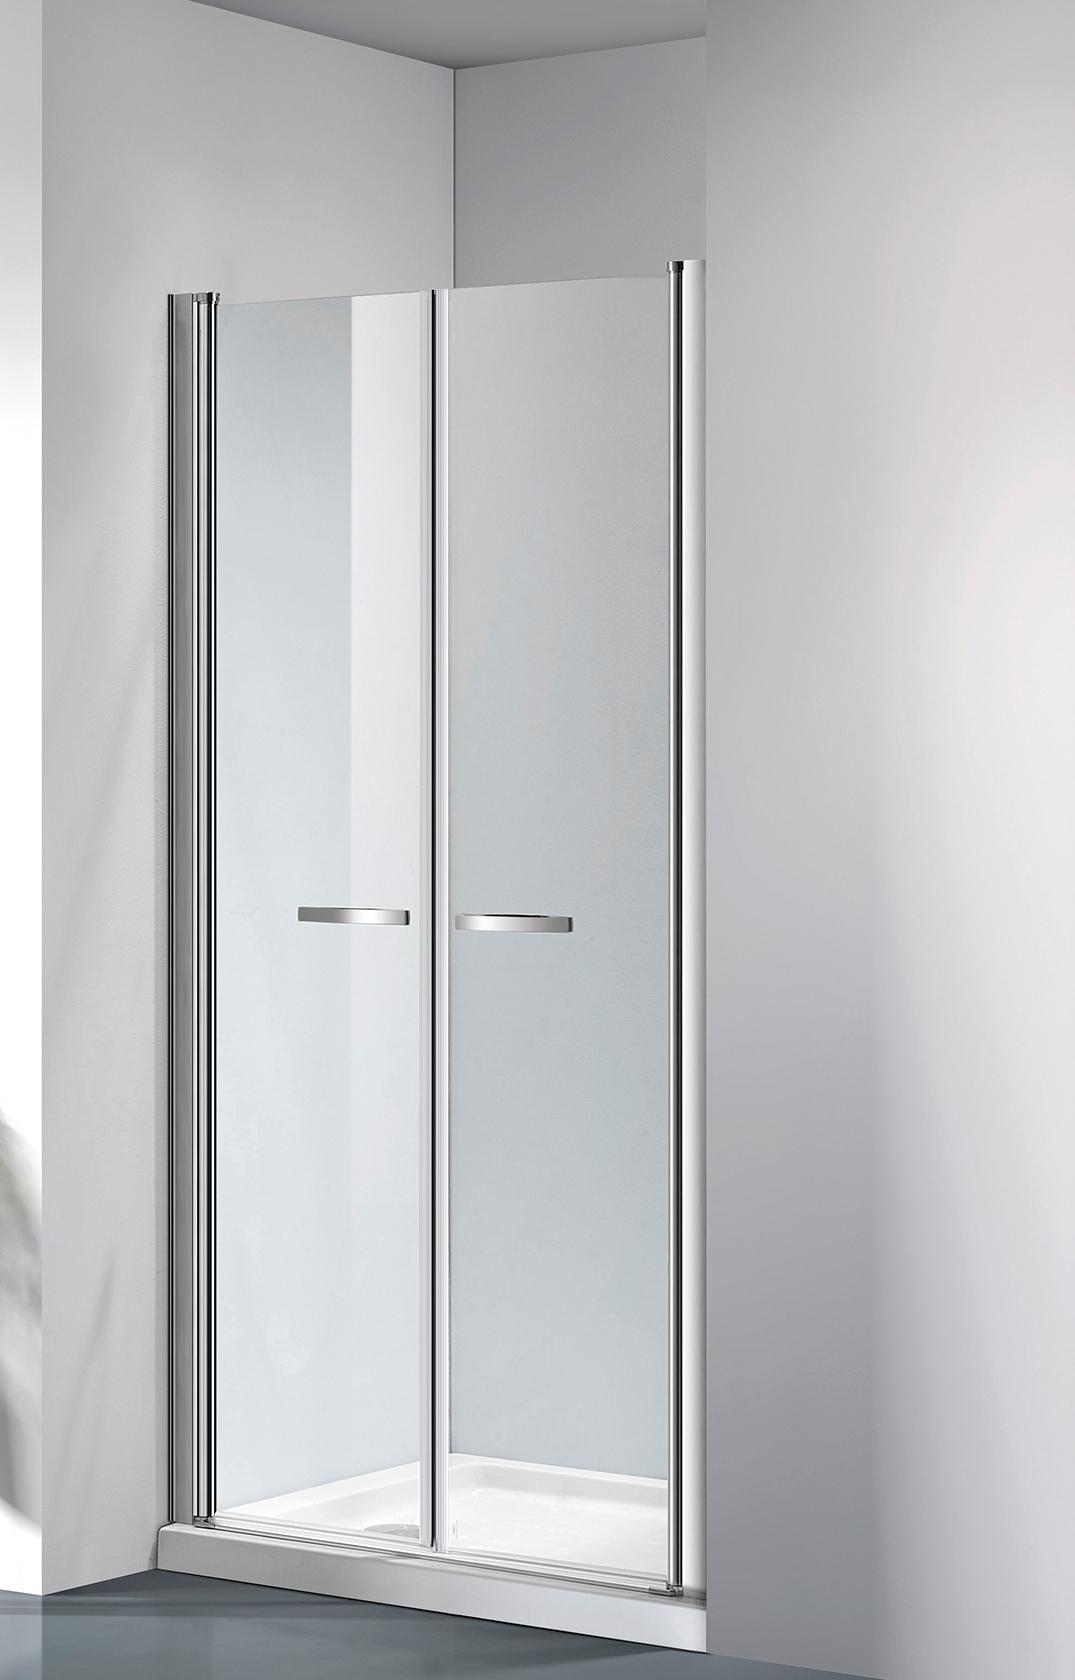 ARTTEC COMFORT 71 - 76 grape Sprchové dveře do niky PAN04459